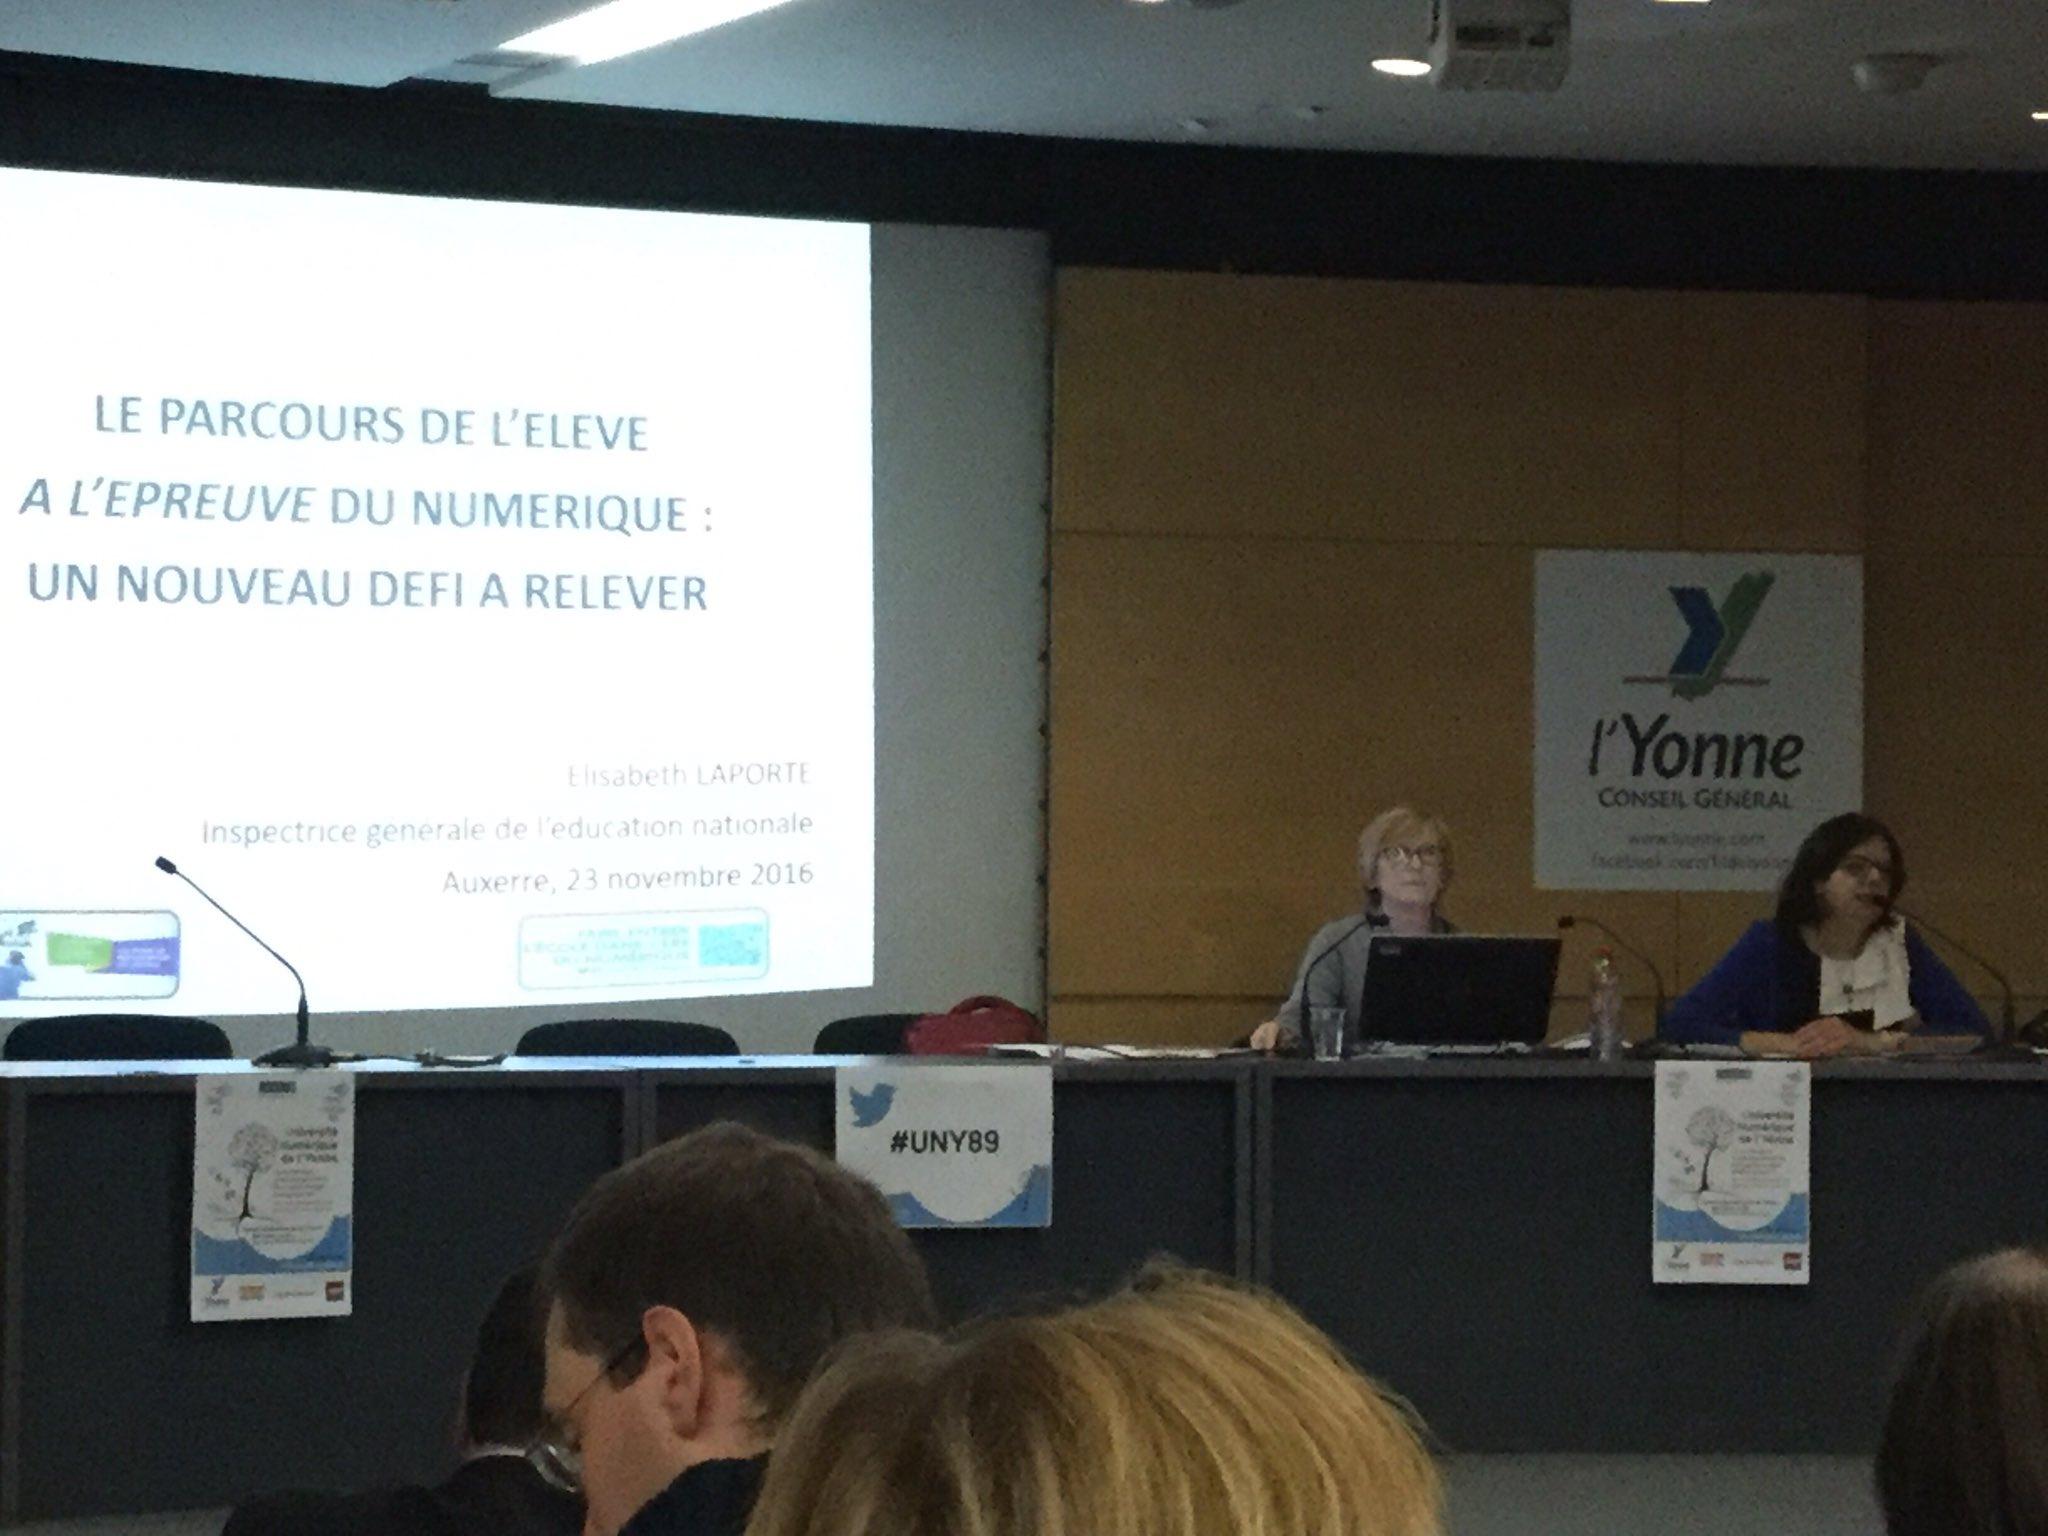 Conference d'Elisabeth Laporte IGEN à l'#UNY89 #ecolenumerique : le parcours de l'élève à l'épreuve du #Numérique, un nouveau défi à relever https://t.co/R6QyXPR2Bo